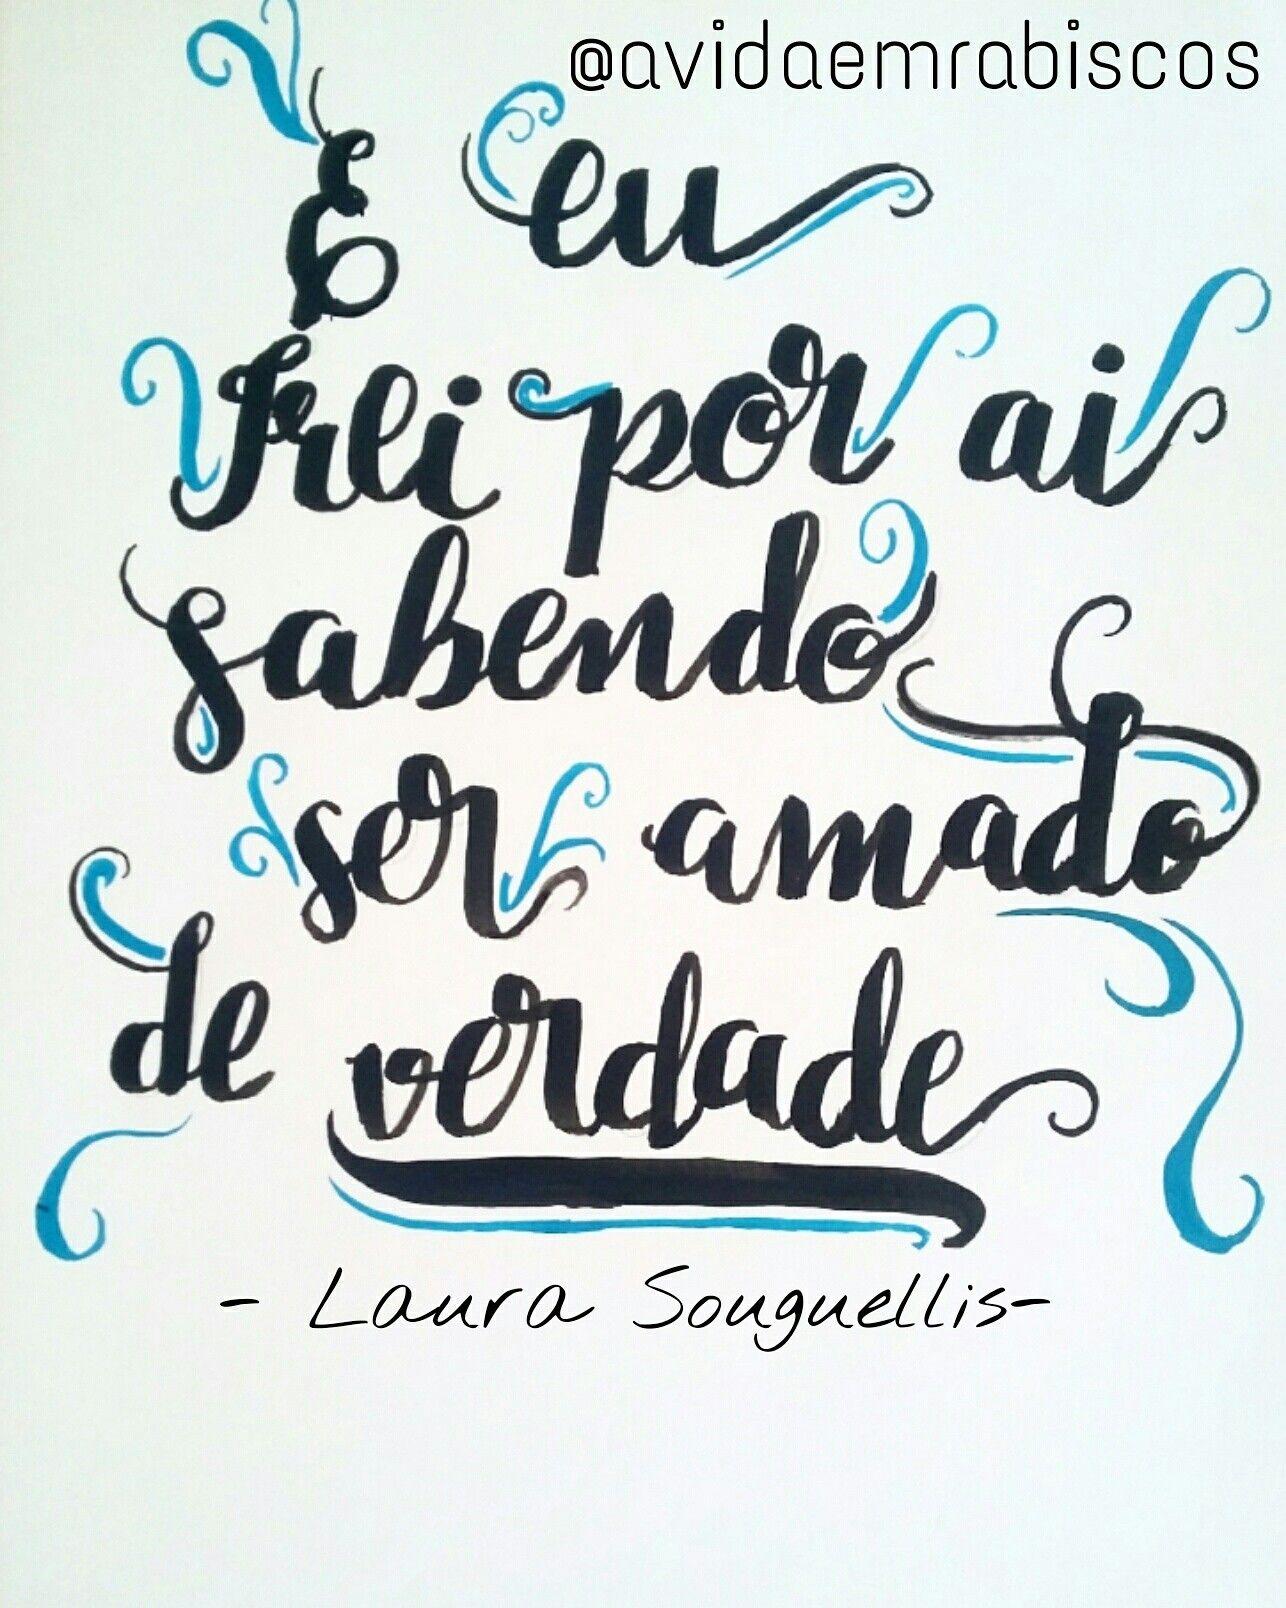 Lettering filho amado- Laura souguellis